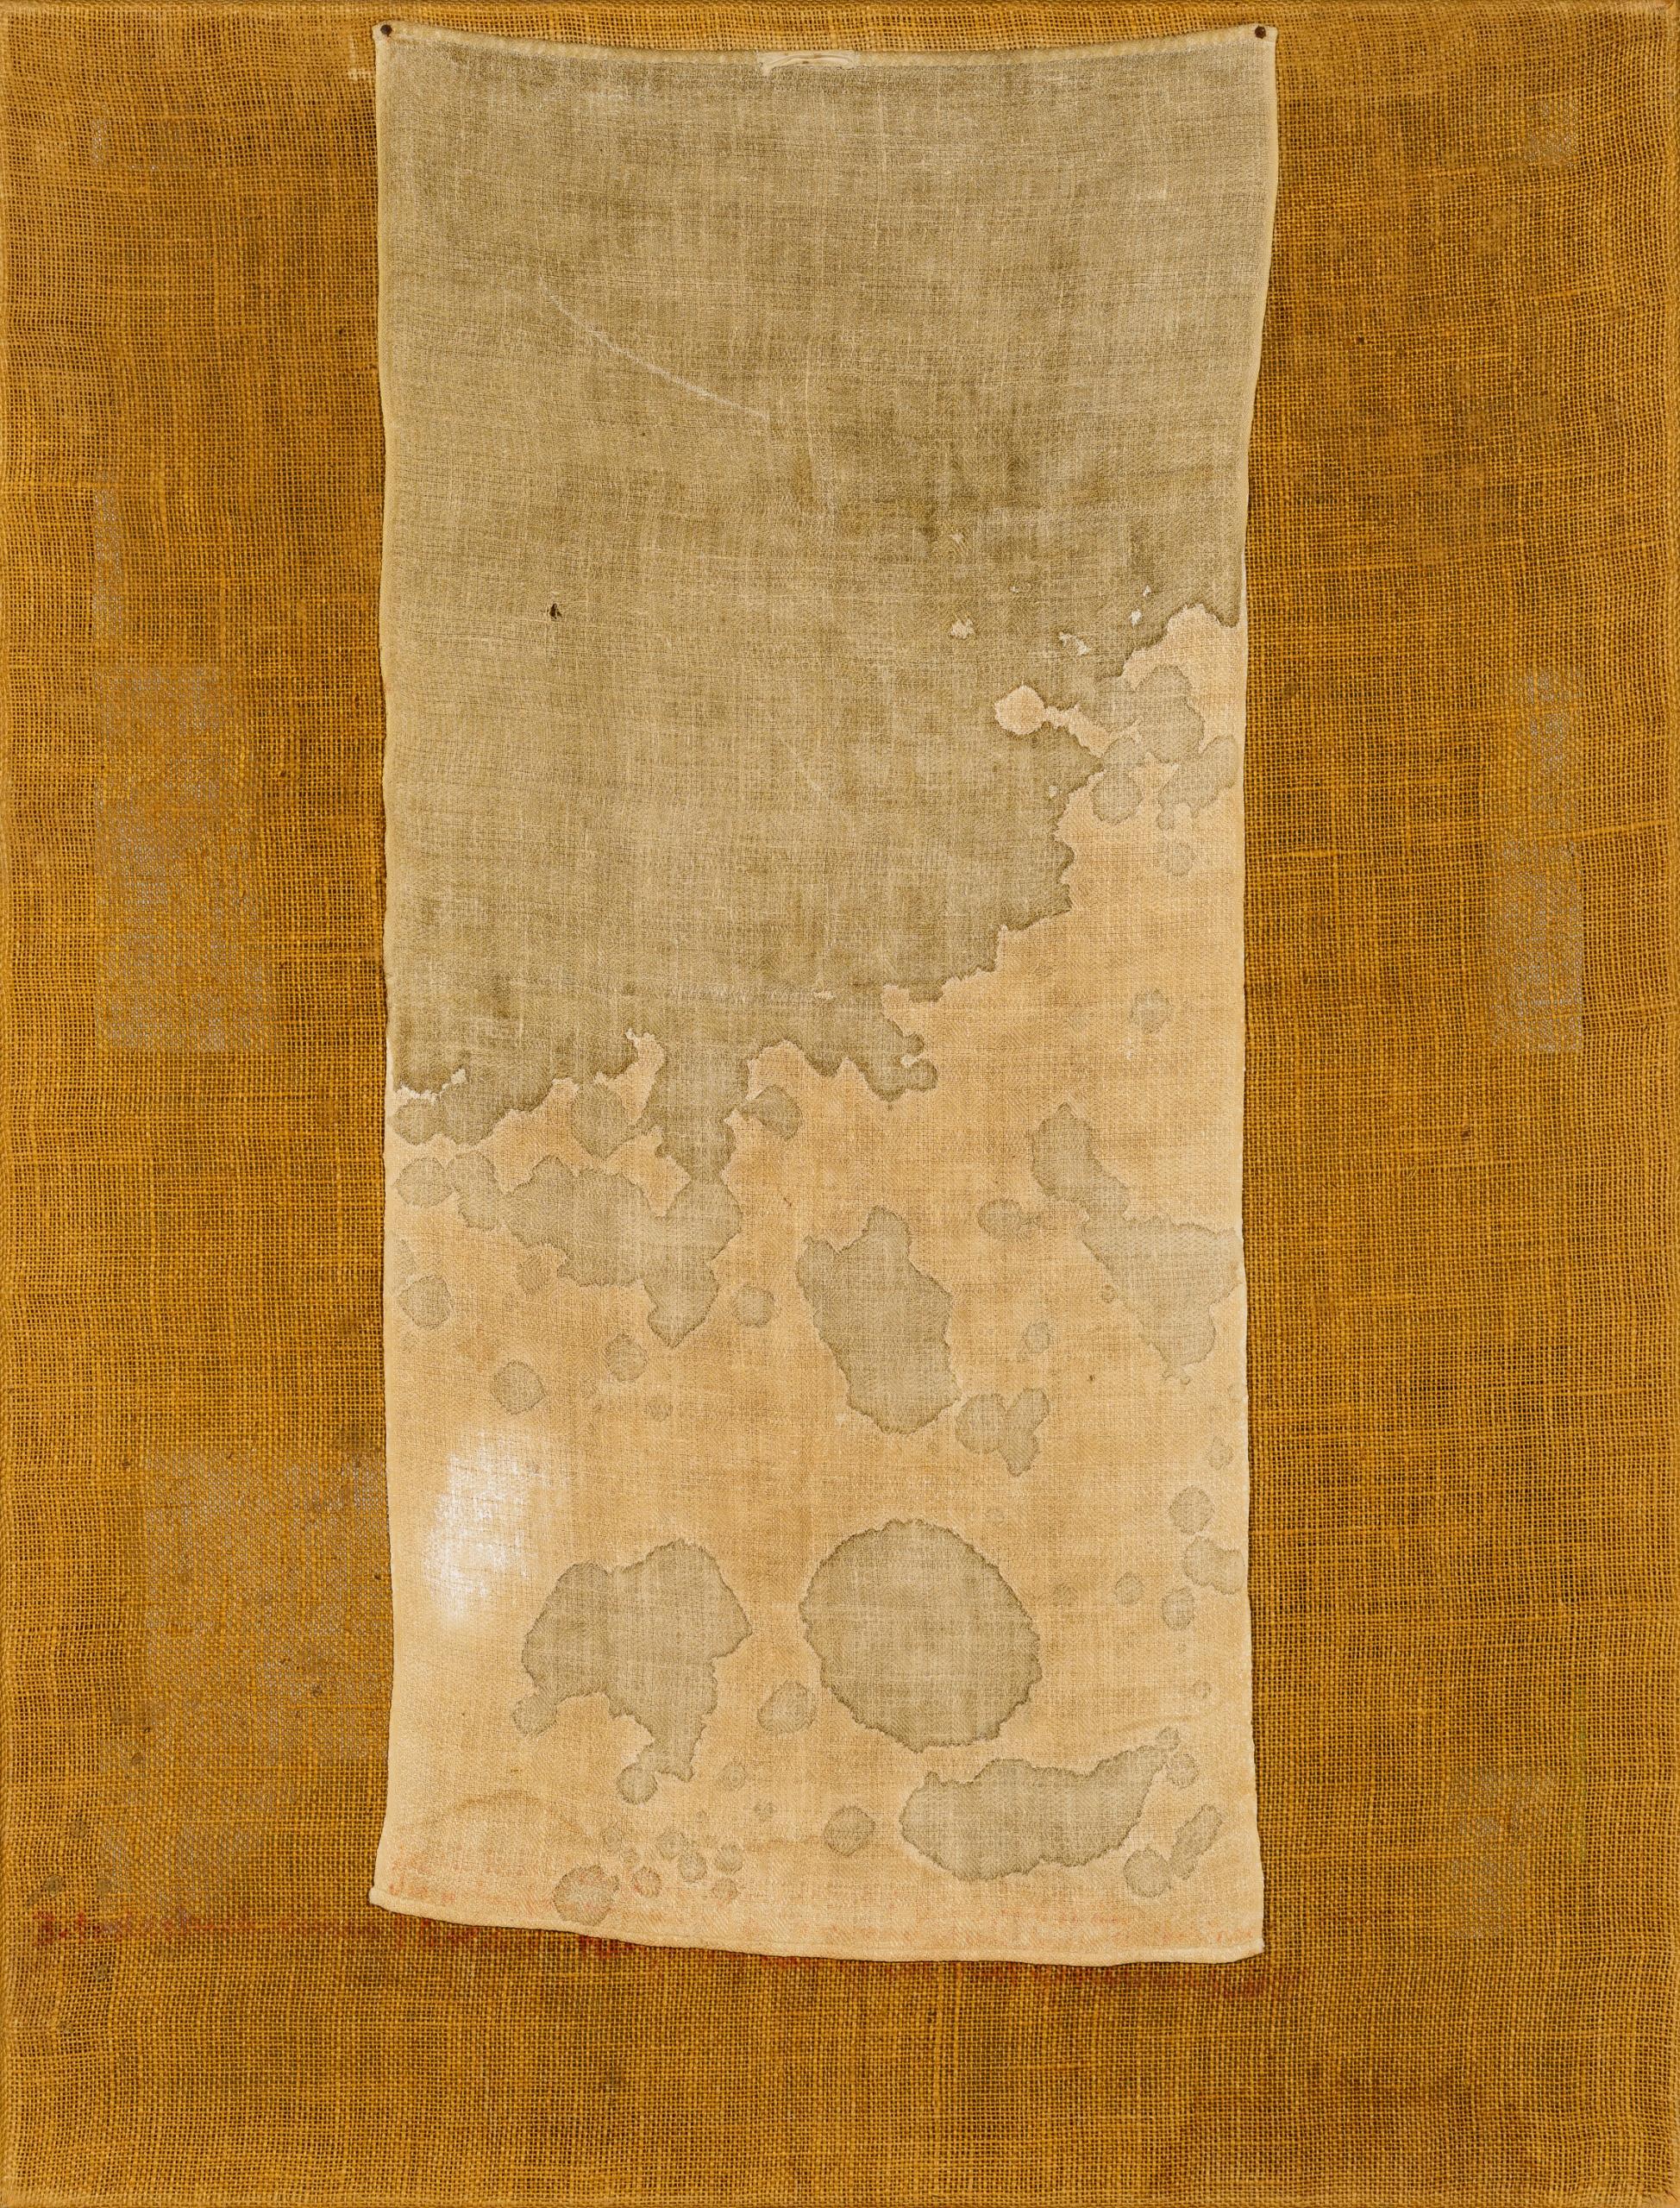 Hermann Nitsch, Ohne Titel (Bodentuch) / untitled (floor cloth)